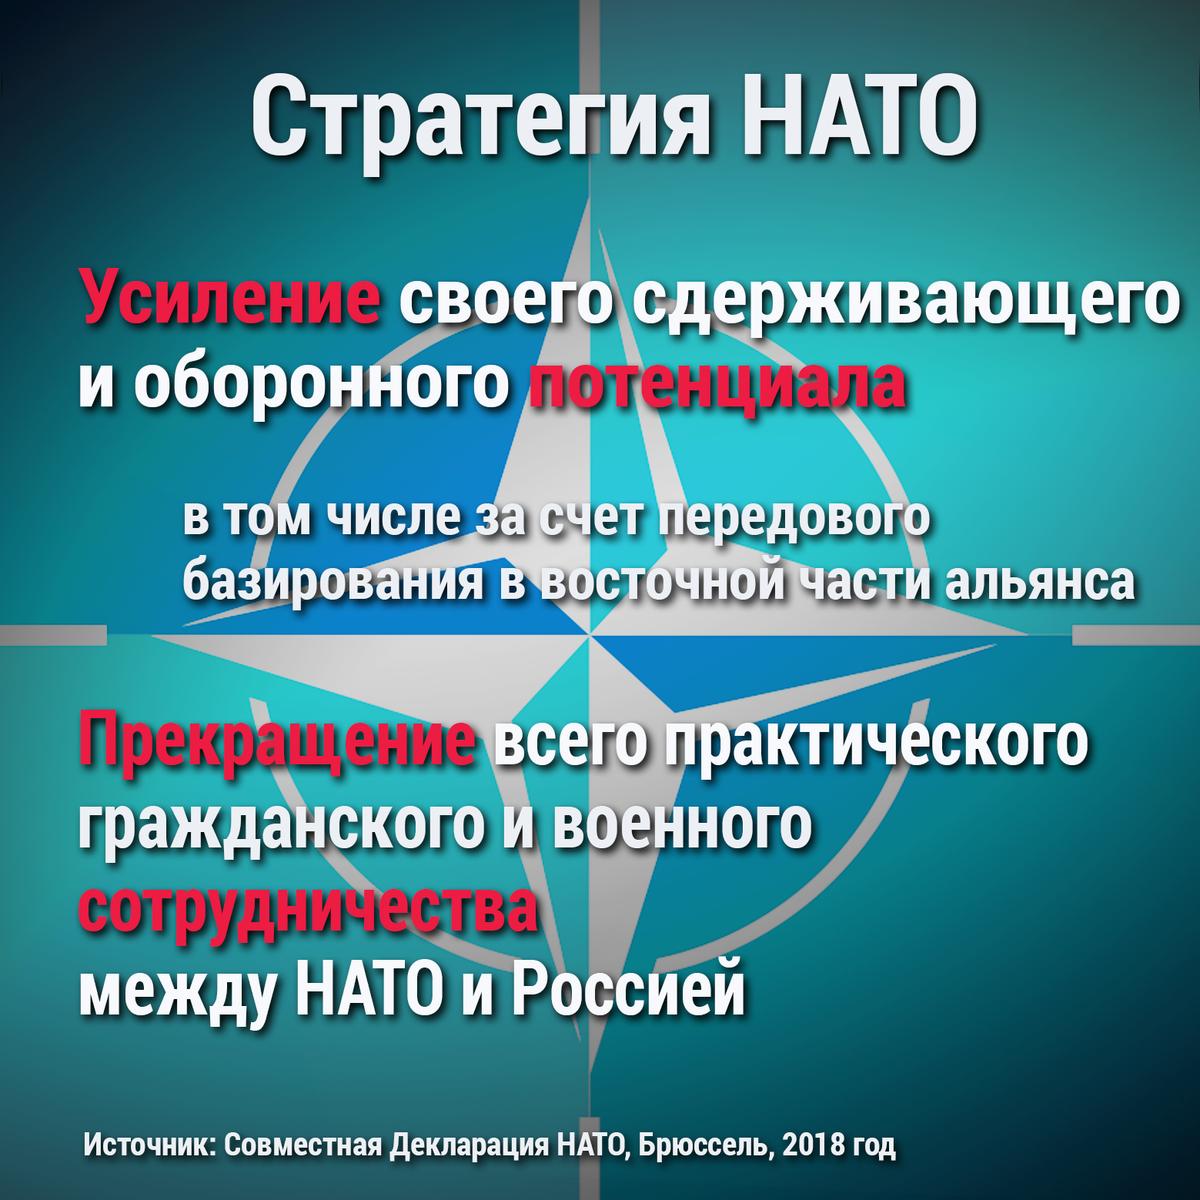 Штаб-квартиру командування нової дивізії НАТО розмістять в Латвії - Цензор.НЕТ 946